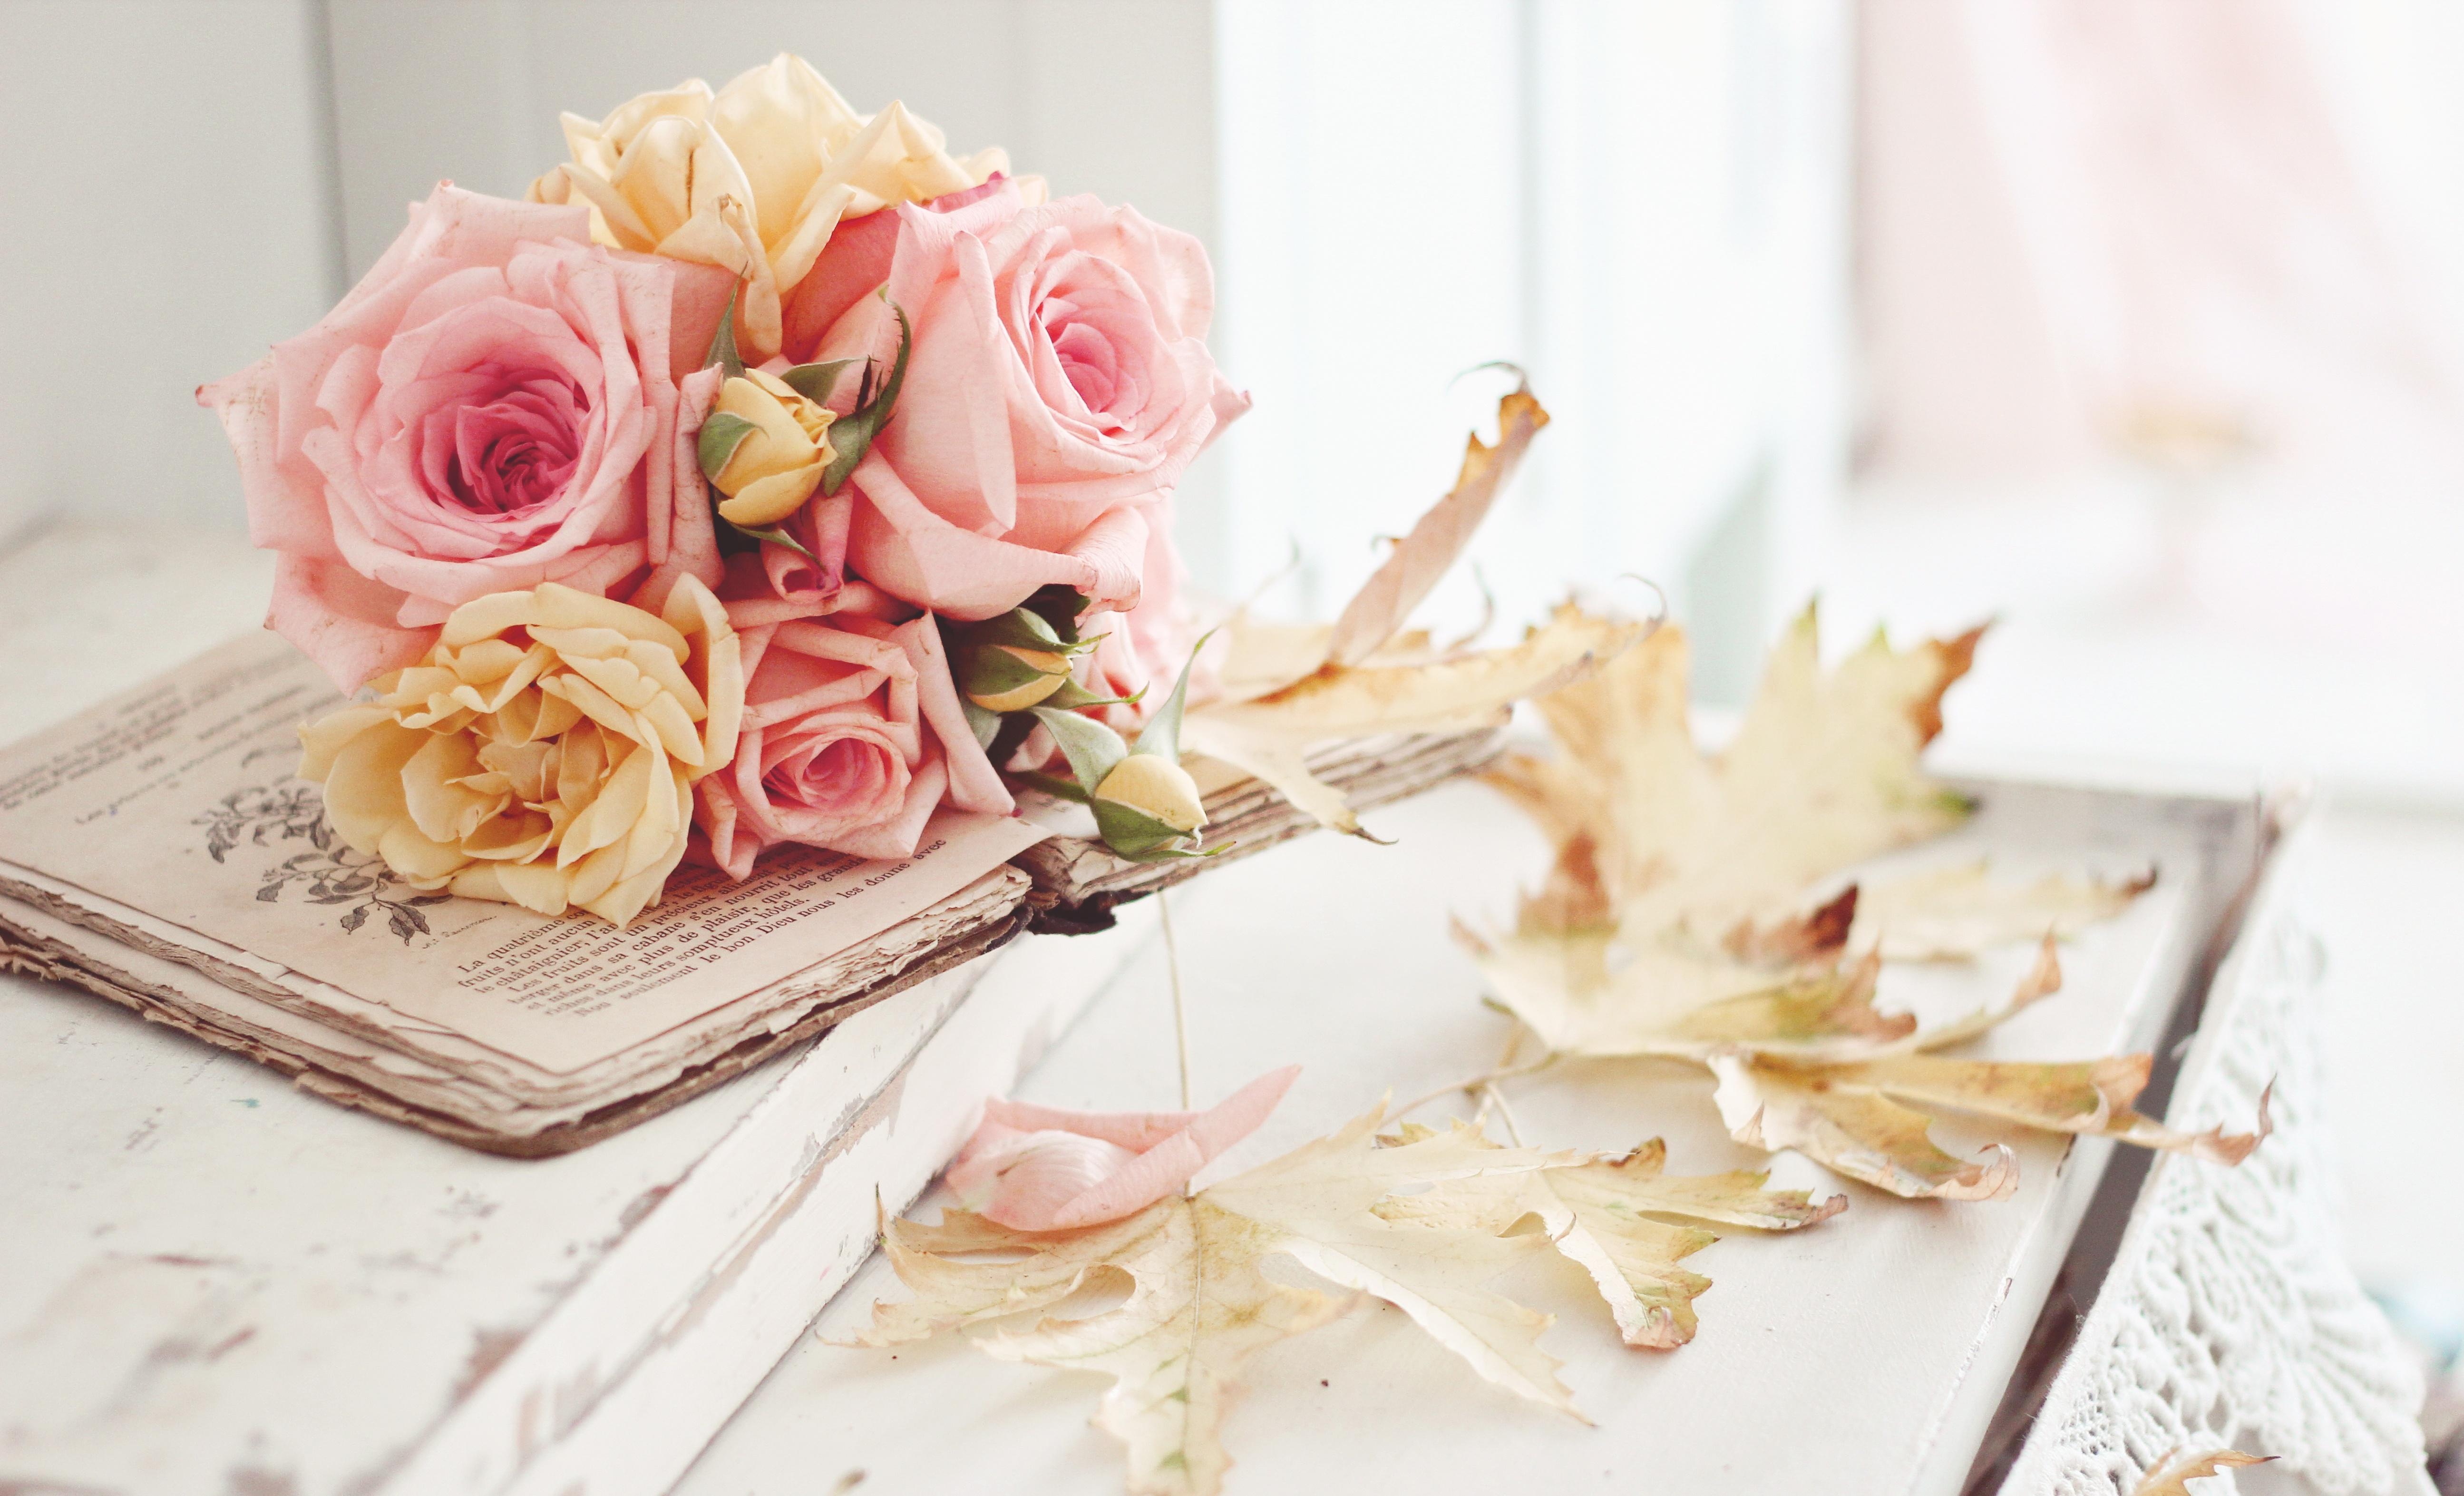 обои на рабочий стол цветы книги № 648742  скачать